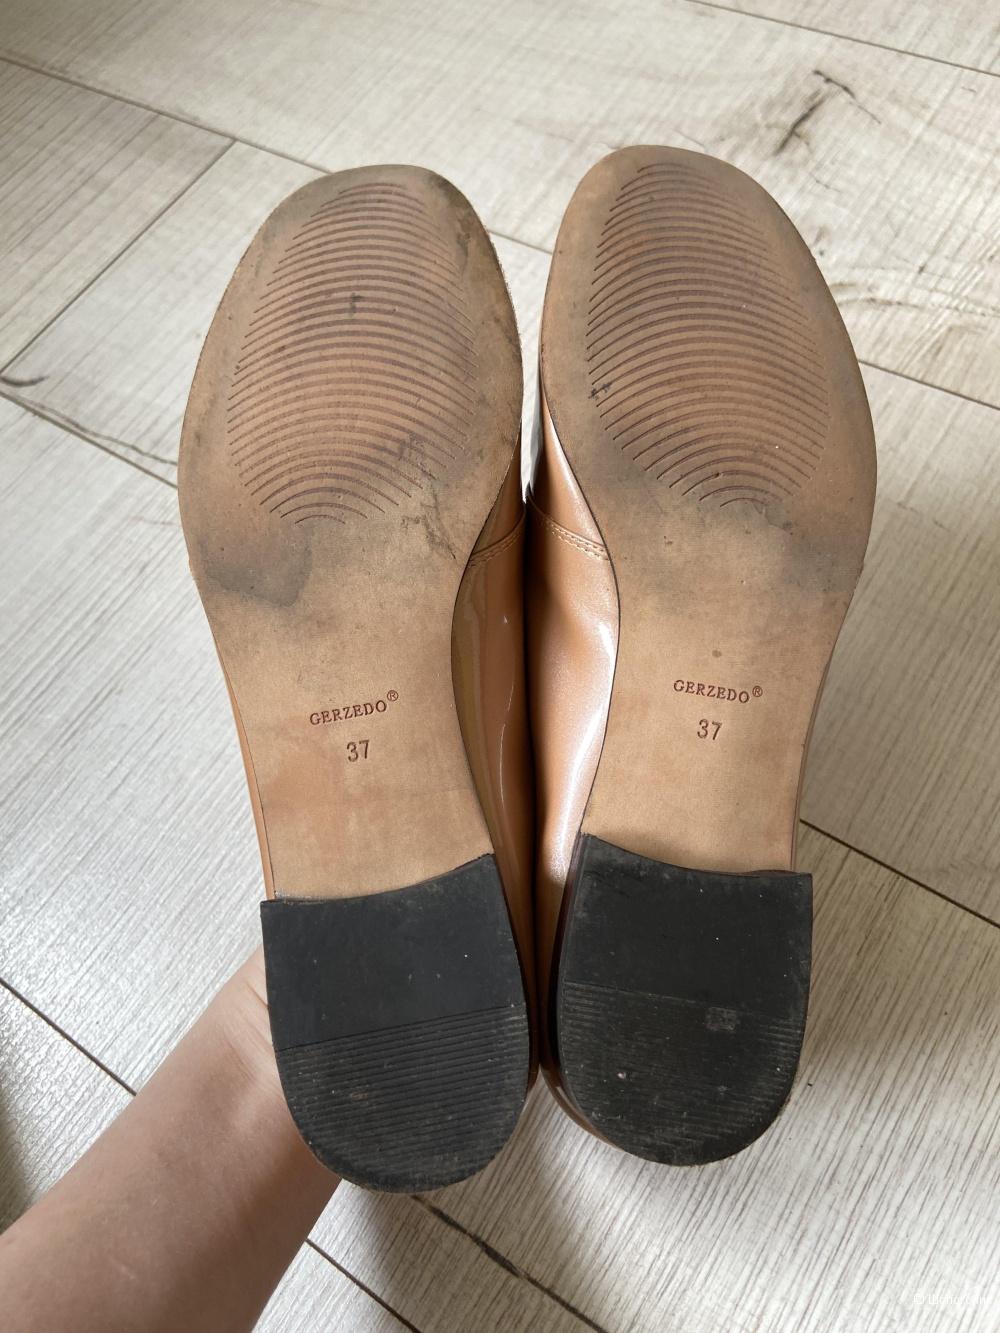 Ботинки Gerzedo, размер 37